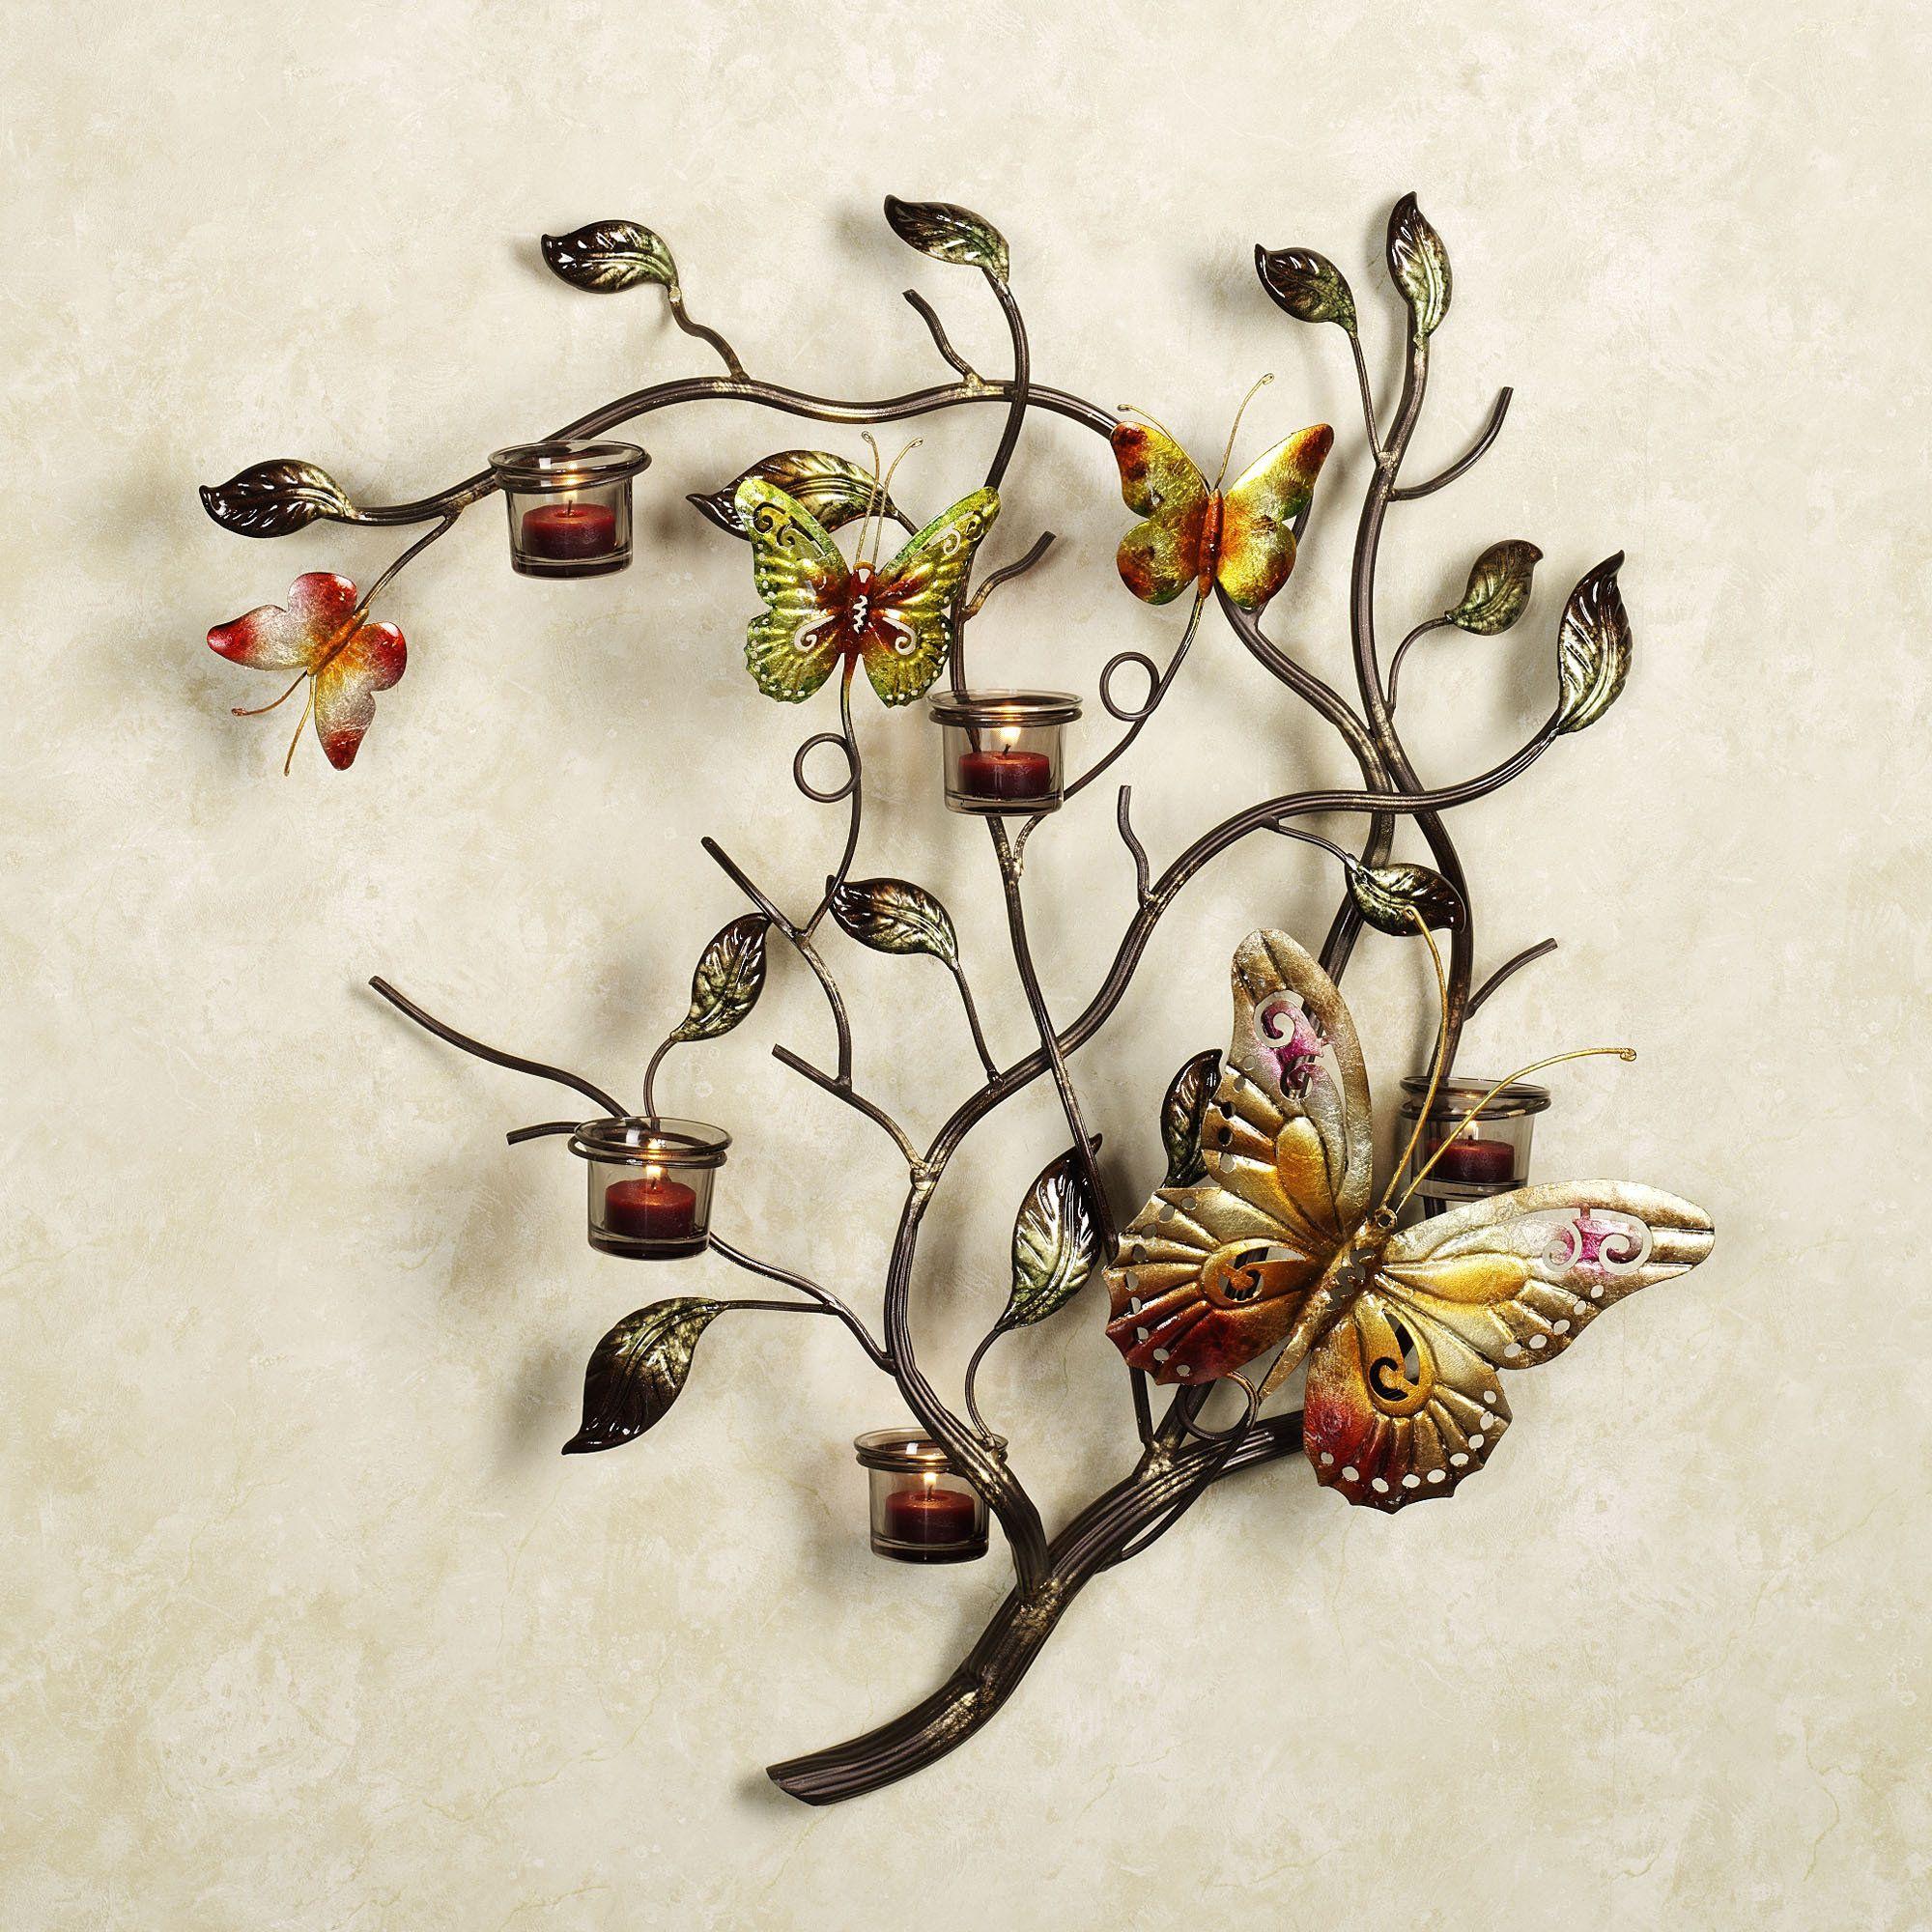 Flight of the butterfly candelabra metal wall art hallway